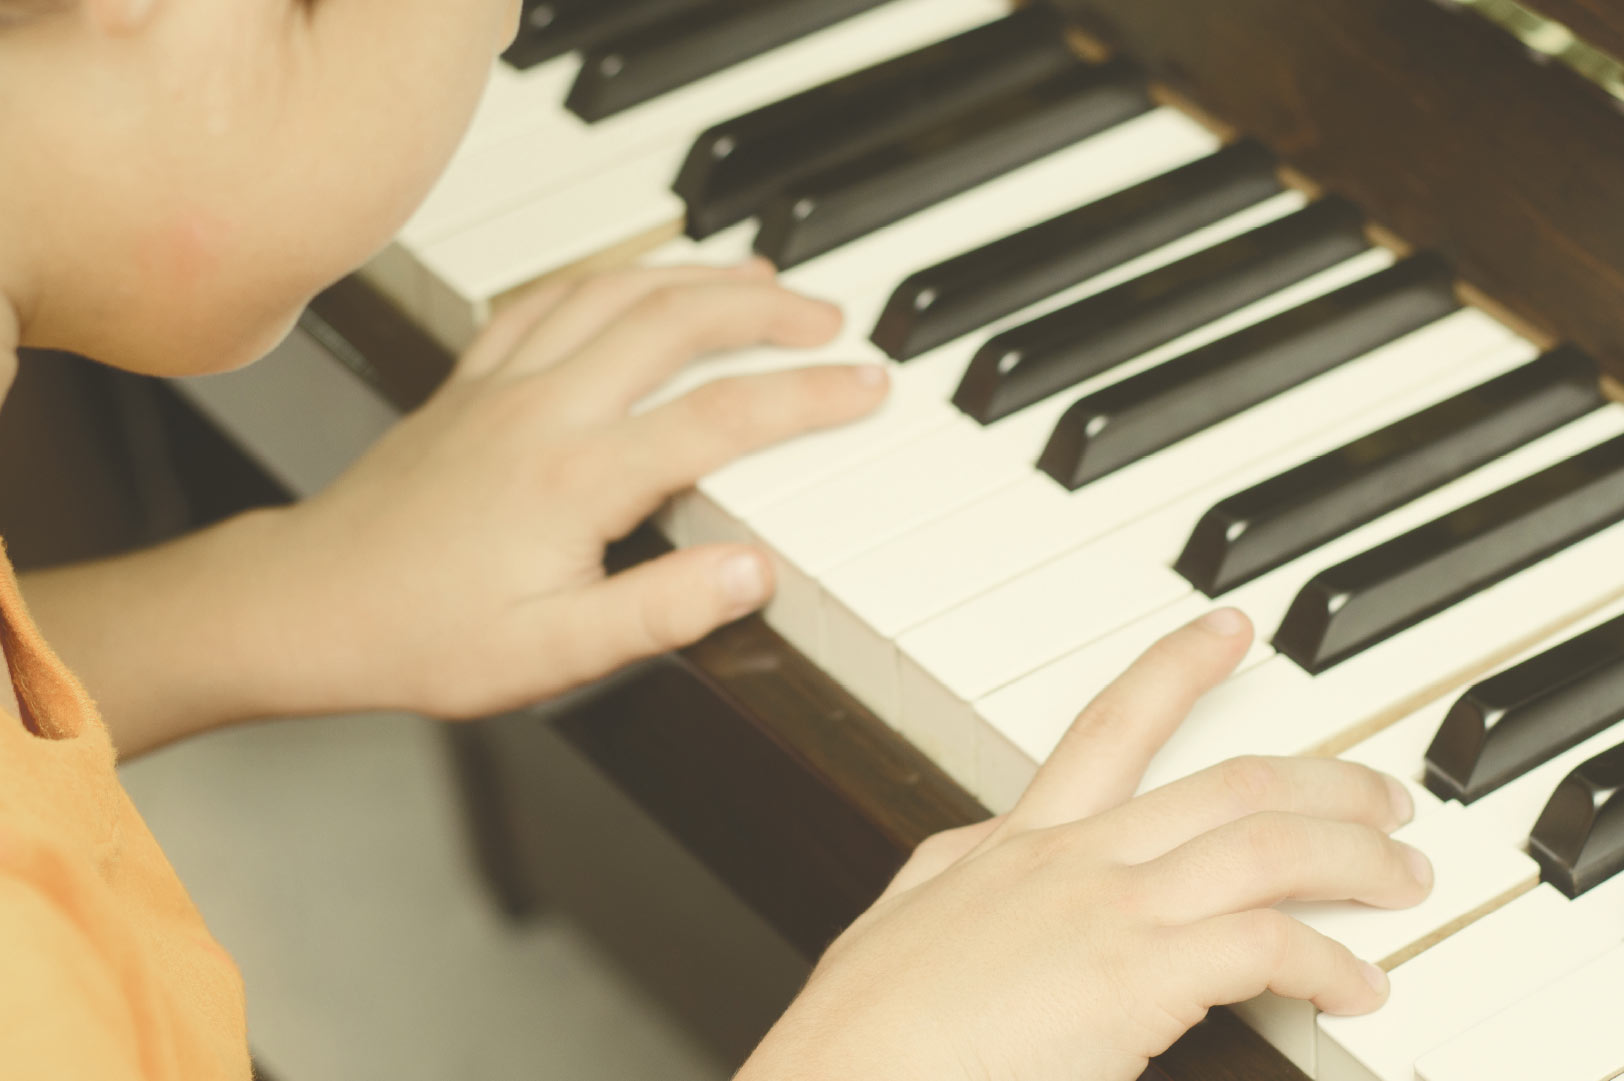 Musikhandel-Ruf_Instrumente_kaufen-04